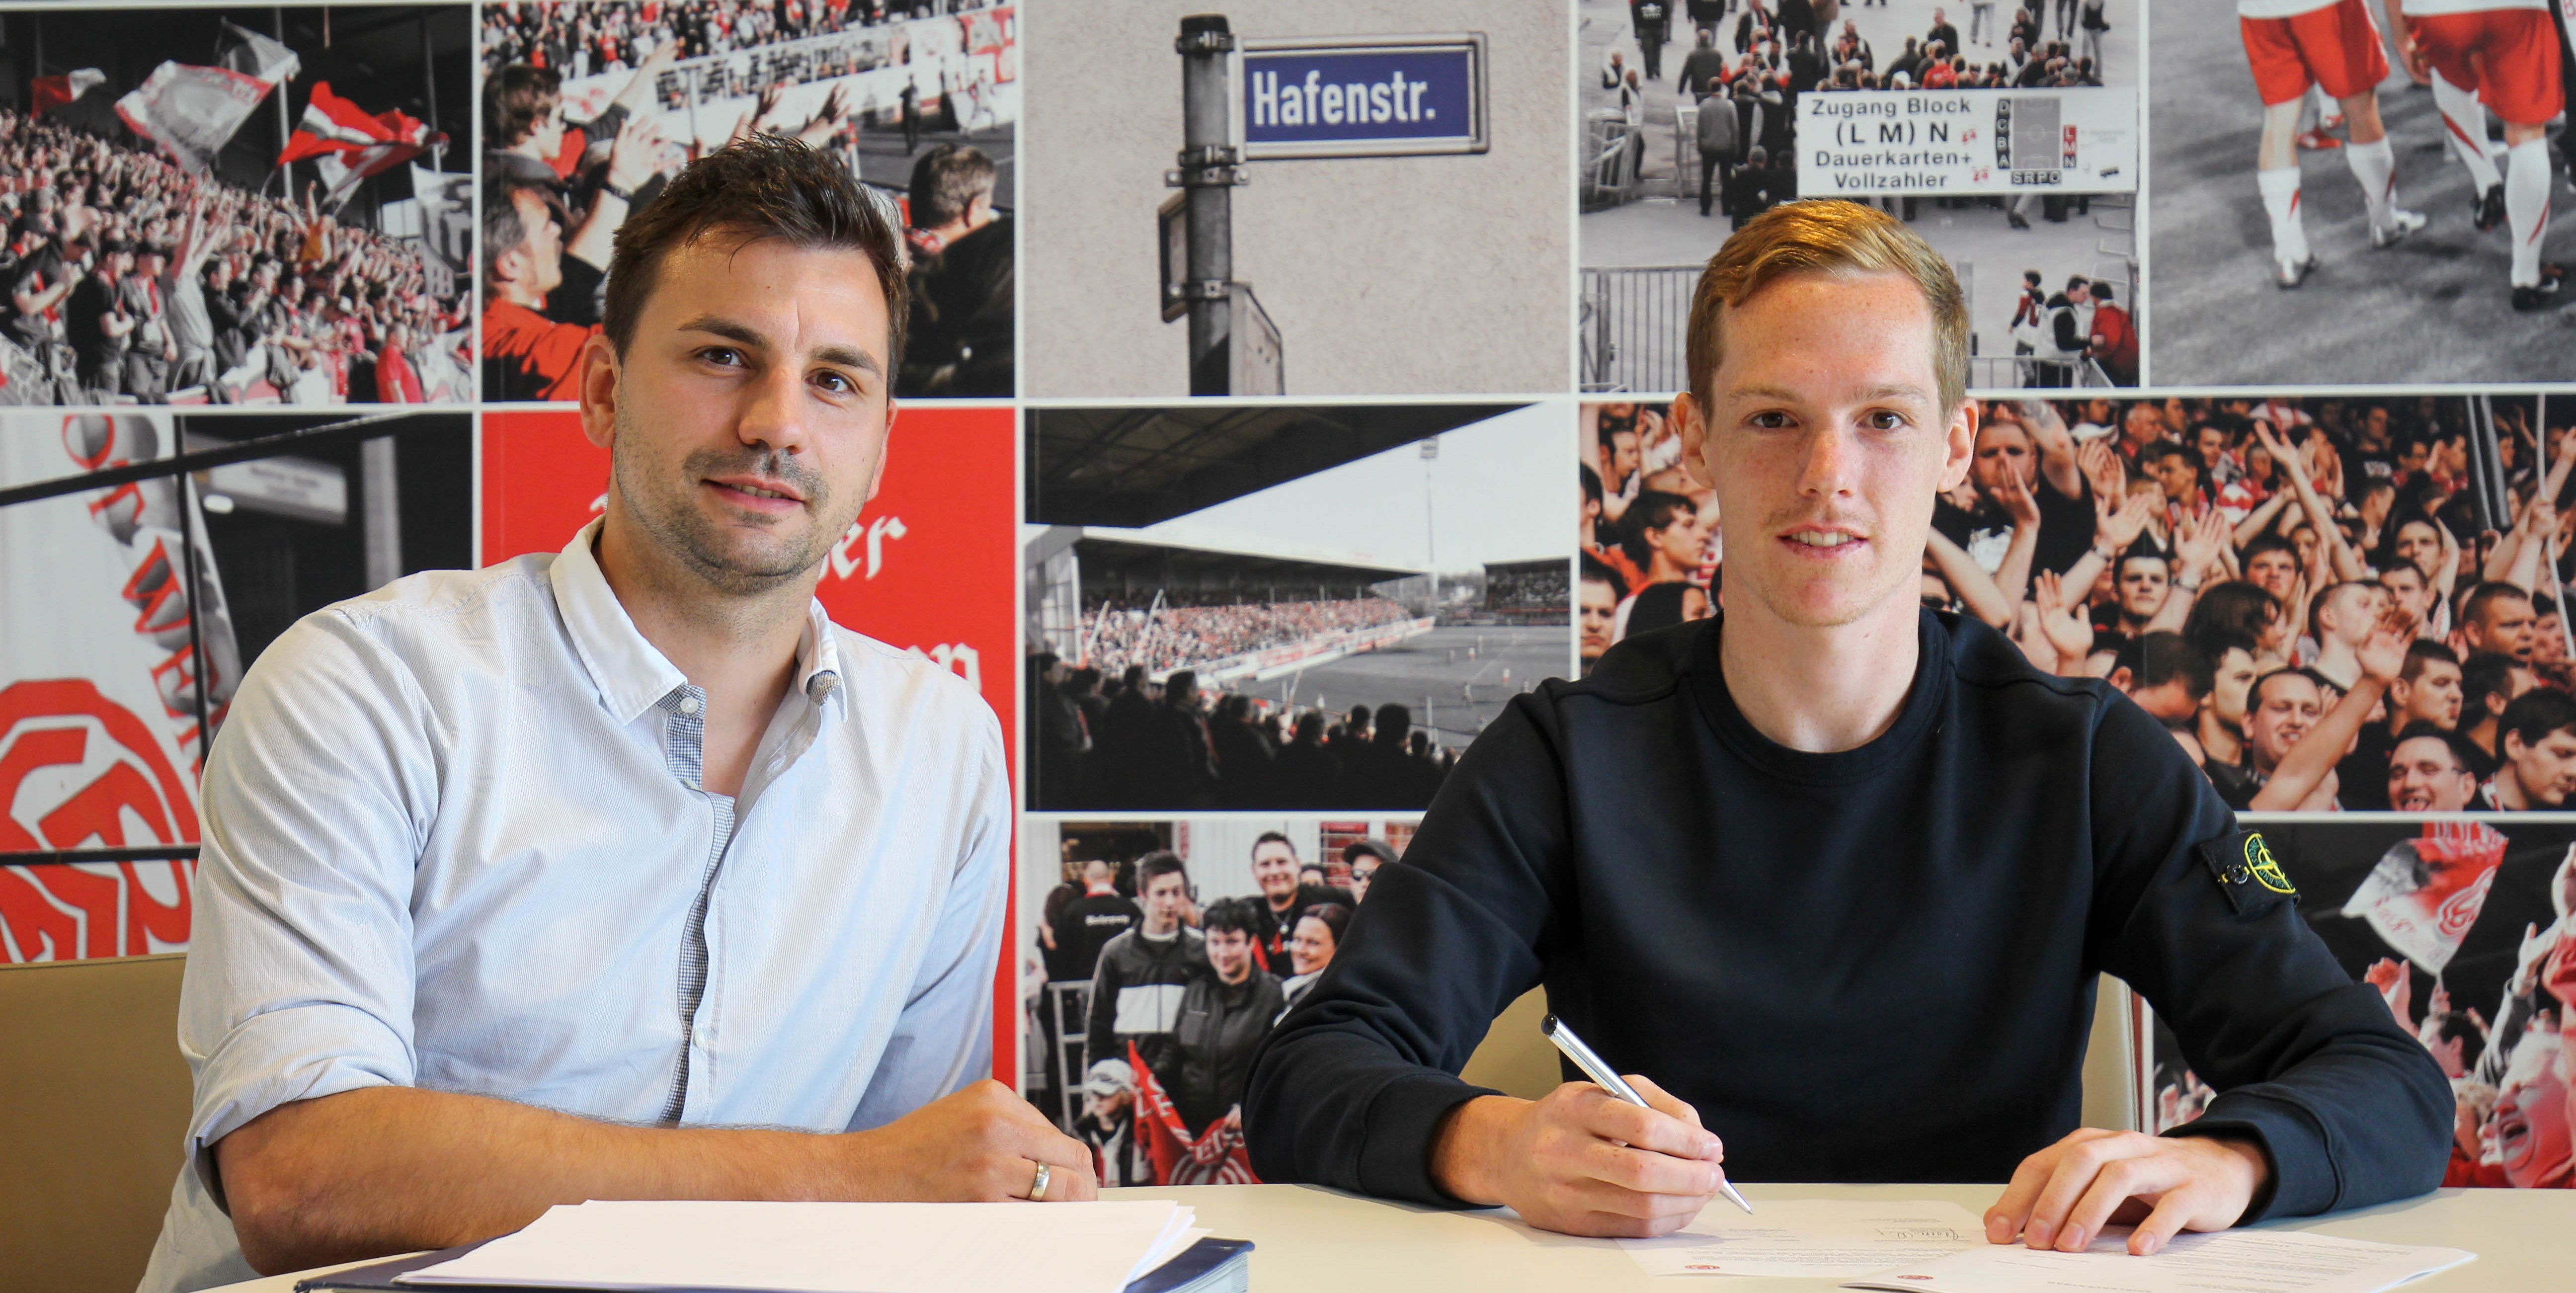 Ein weiteres neues Gesicht an der Hafenstraße: Jan-Lucas Dorow läuft zukünftig für Rot-Weiss Essen auf.